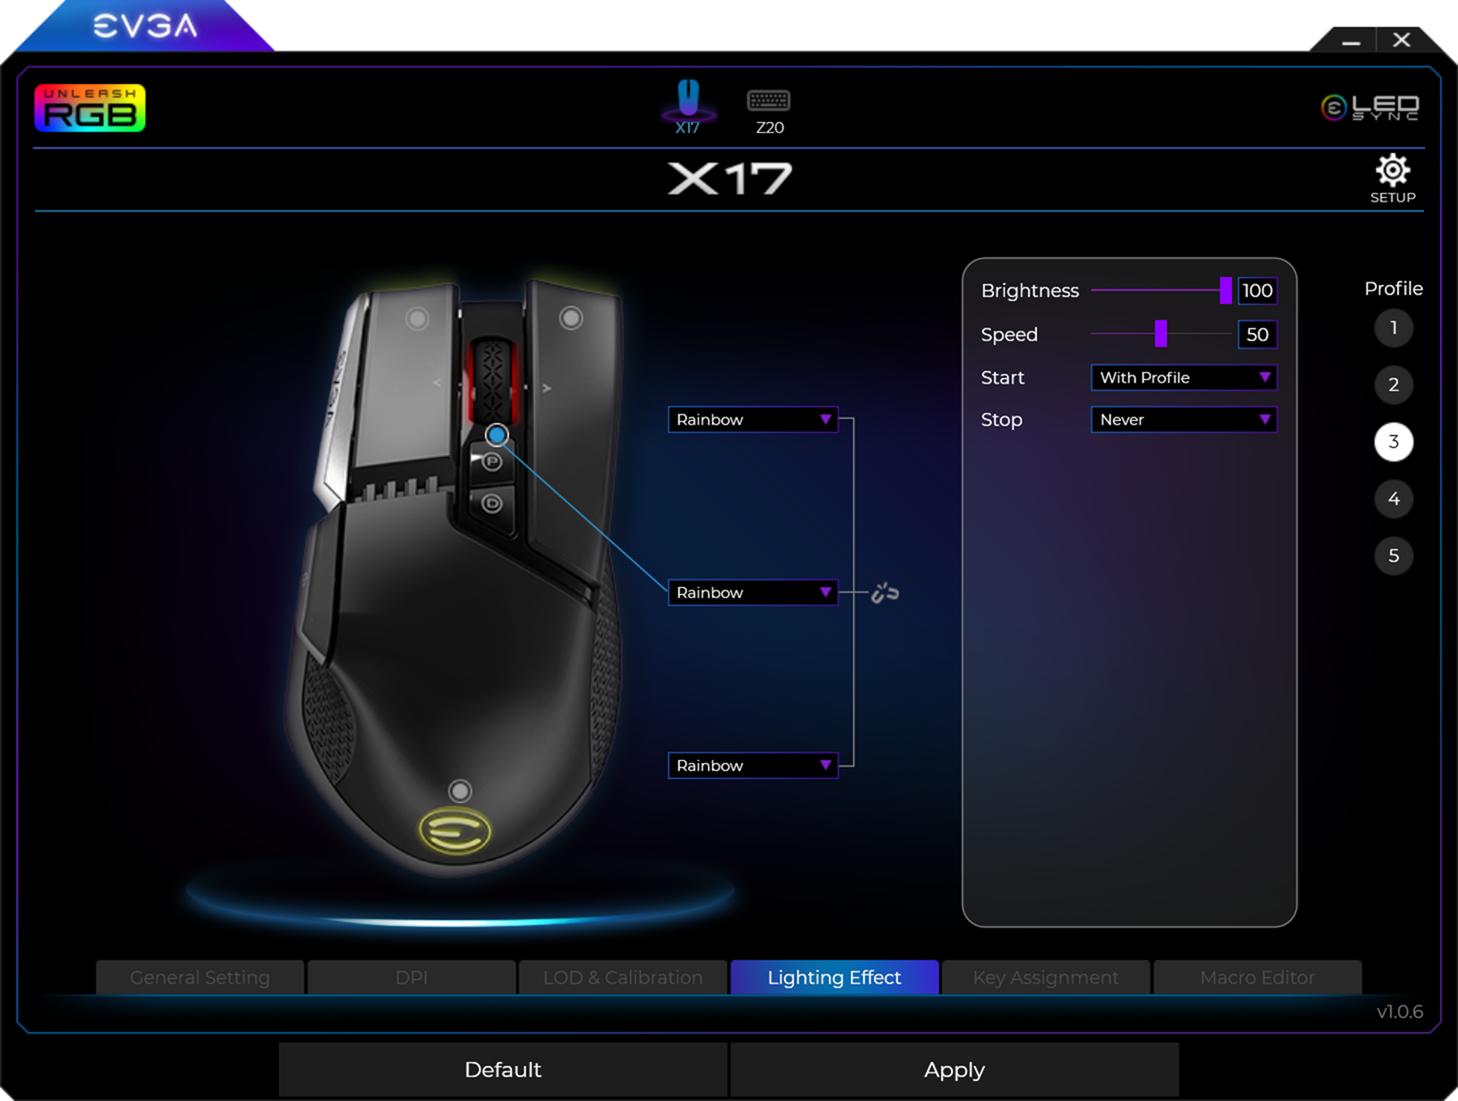 遊戲打造黑科技上身!EVGA Z20 RGB 光學機械鍵盤 / X17 遊戲滑鼠 開箱動手玩 @3C 達人廖阿輝